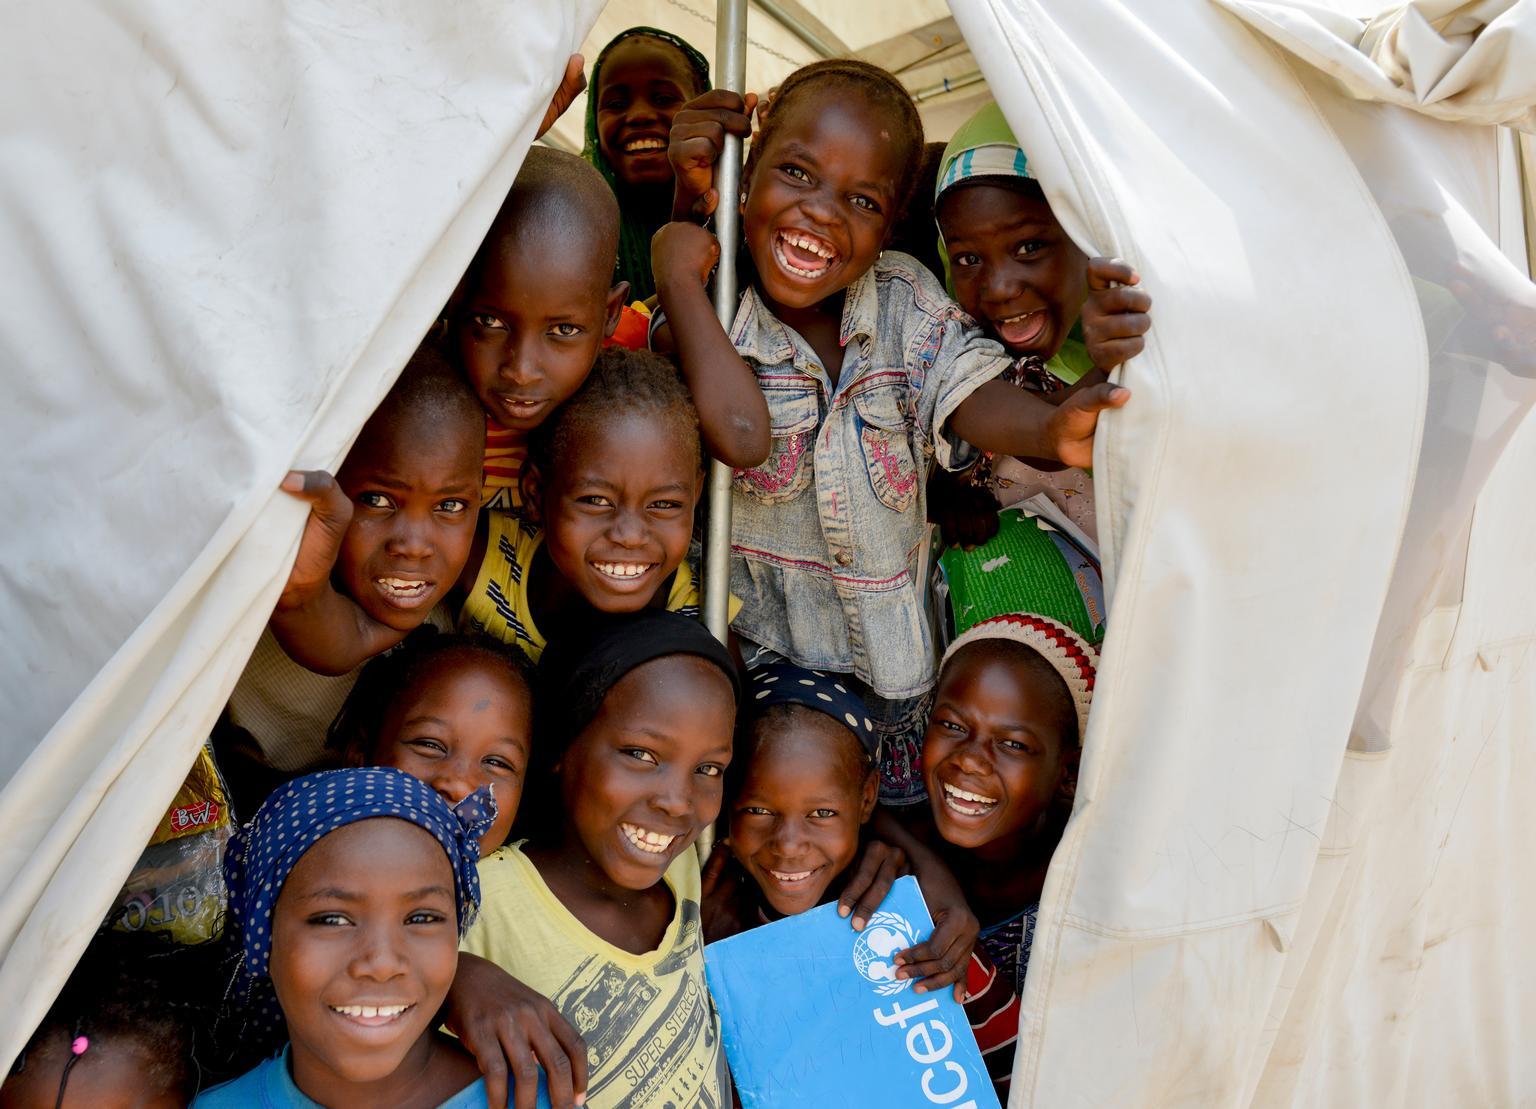 UNICEF/NYHQ2015-0612/Rich